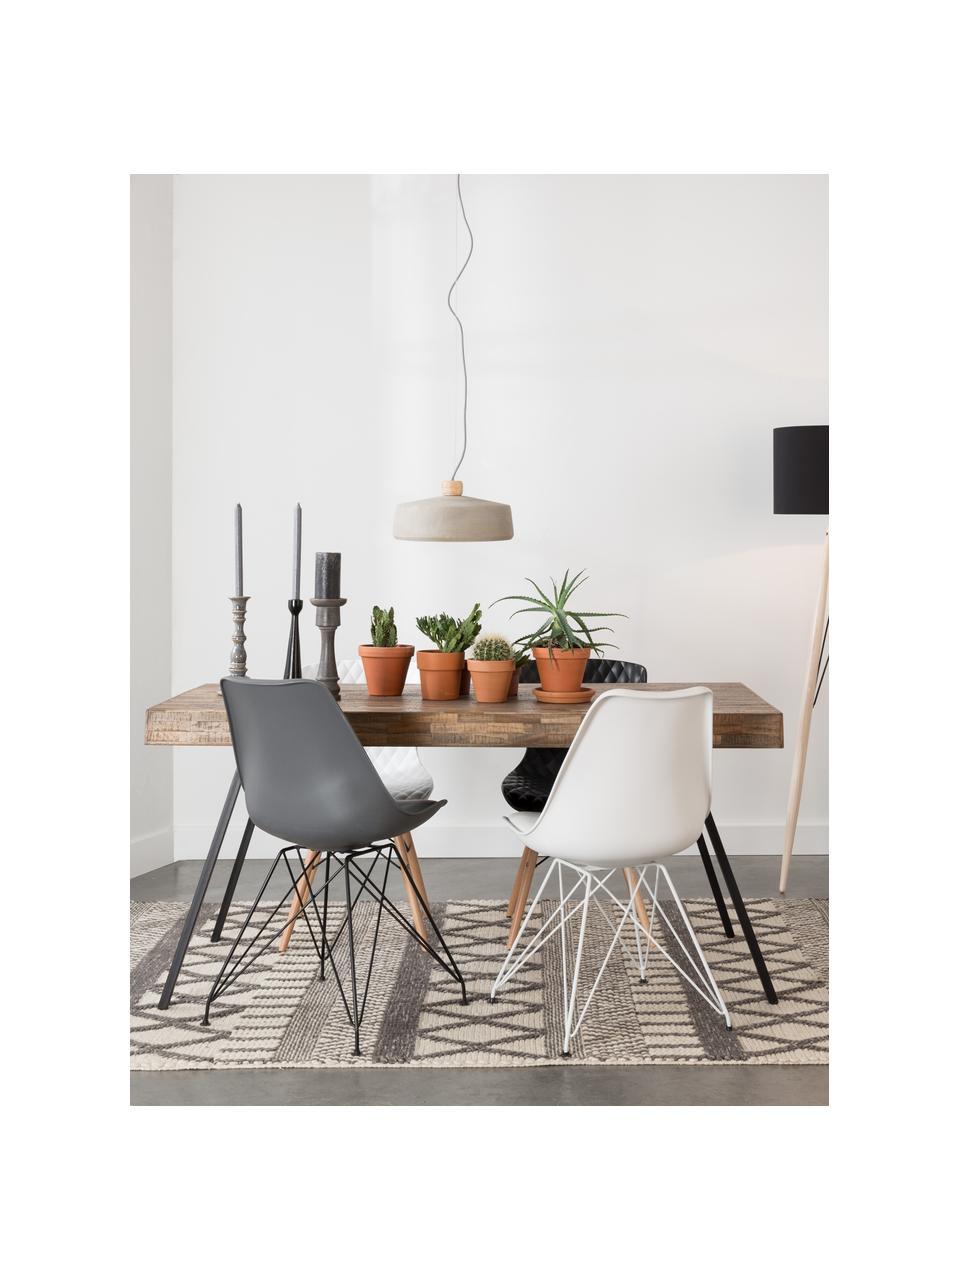 Stół do jadalni z blatem z recyklingowego drewna tekowego Suri, Blat: drewno tekowe pochodzące , Nogi: stal, pokryta melaminą, Drewno tekowe z recyklingu, S 160 x G 78 cm